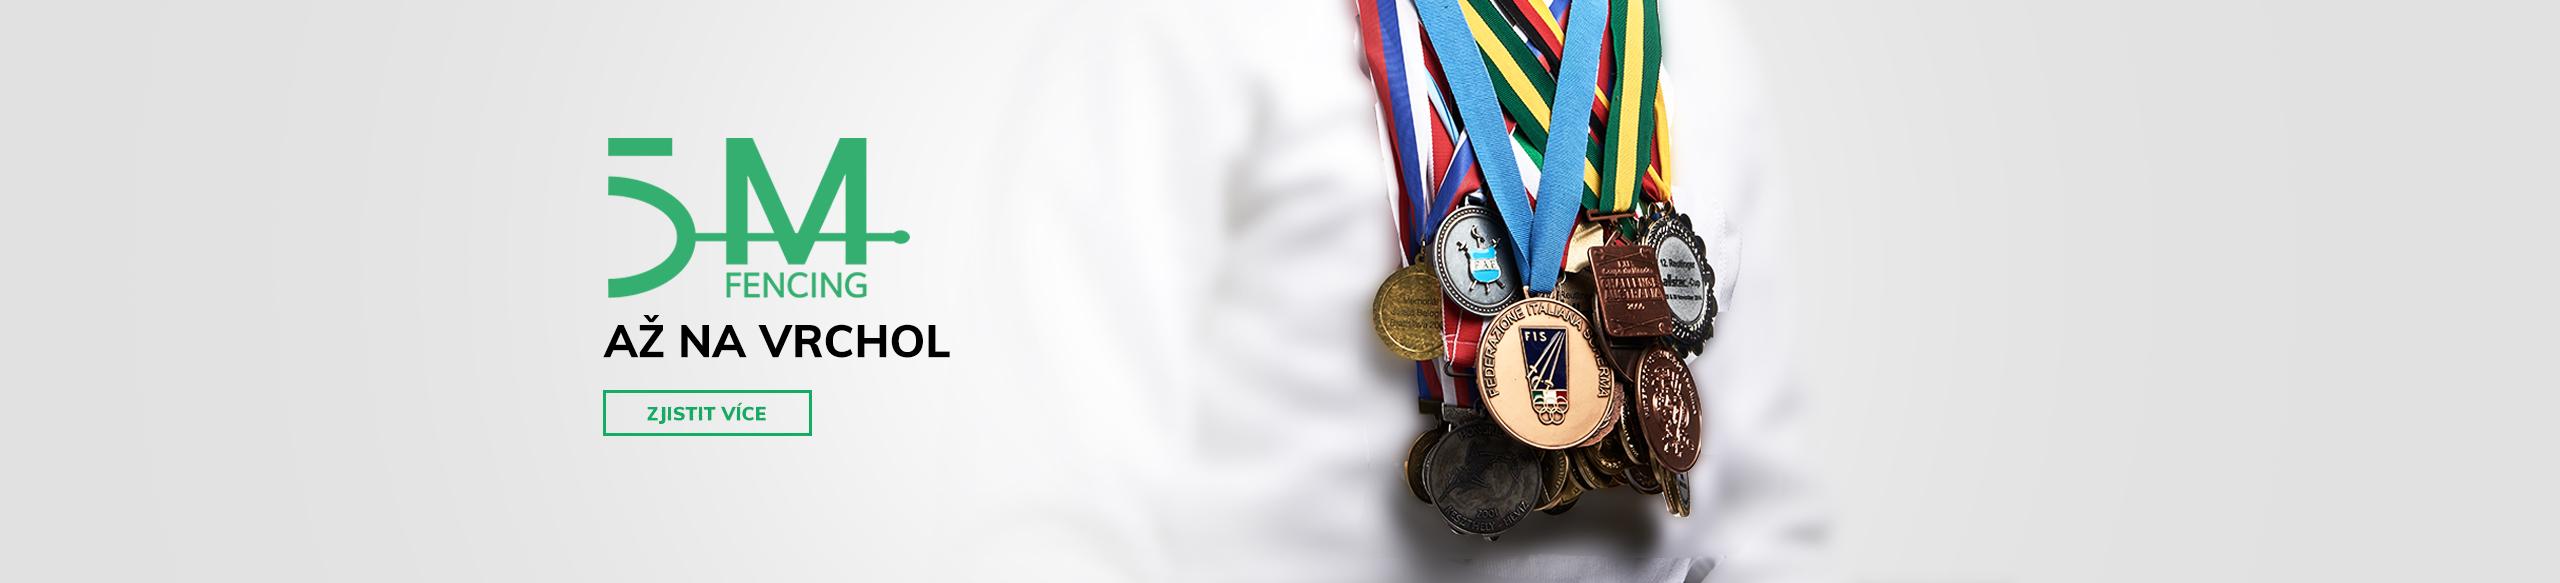 Až na vrchol s 5MFENCING , kvalita a tradice v obchodu se šermířským vybavením